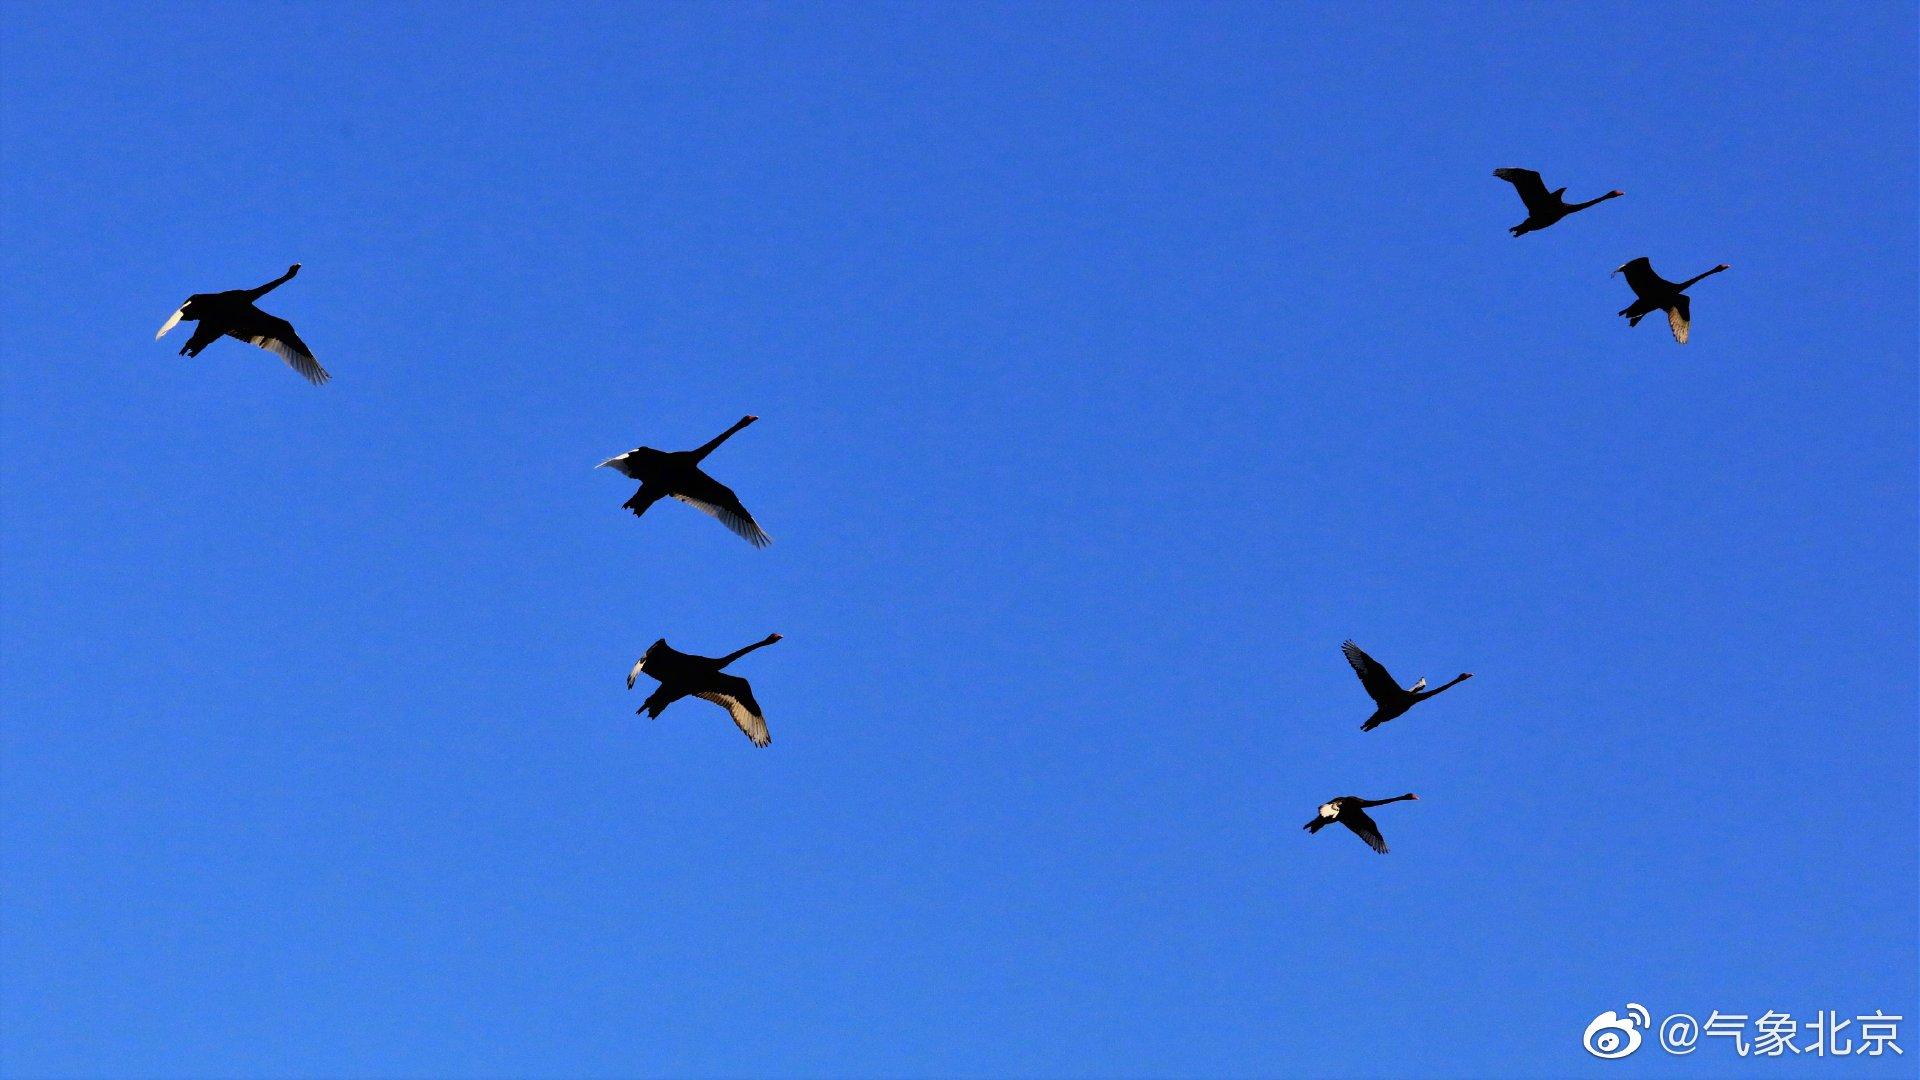 蓝天与黑天鹅(兔兔摄于@圆明园遗址公园 )